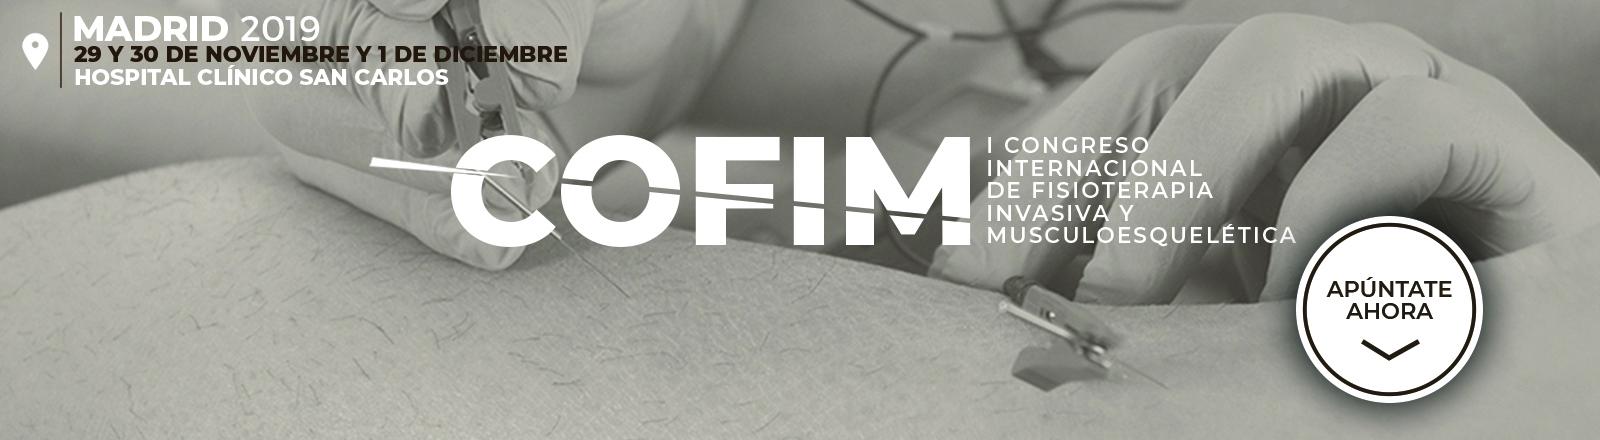 I Congreso Internacional de Fisioterapia Invasiva y Musculoesquelética